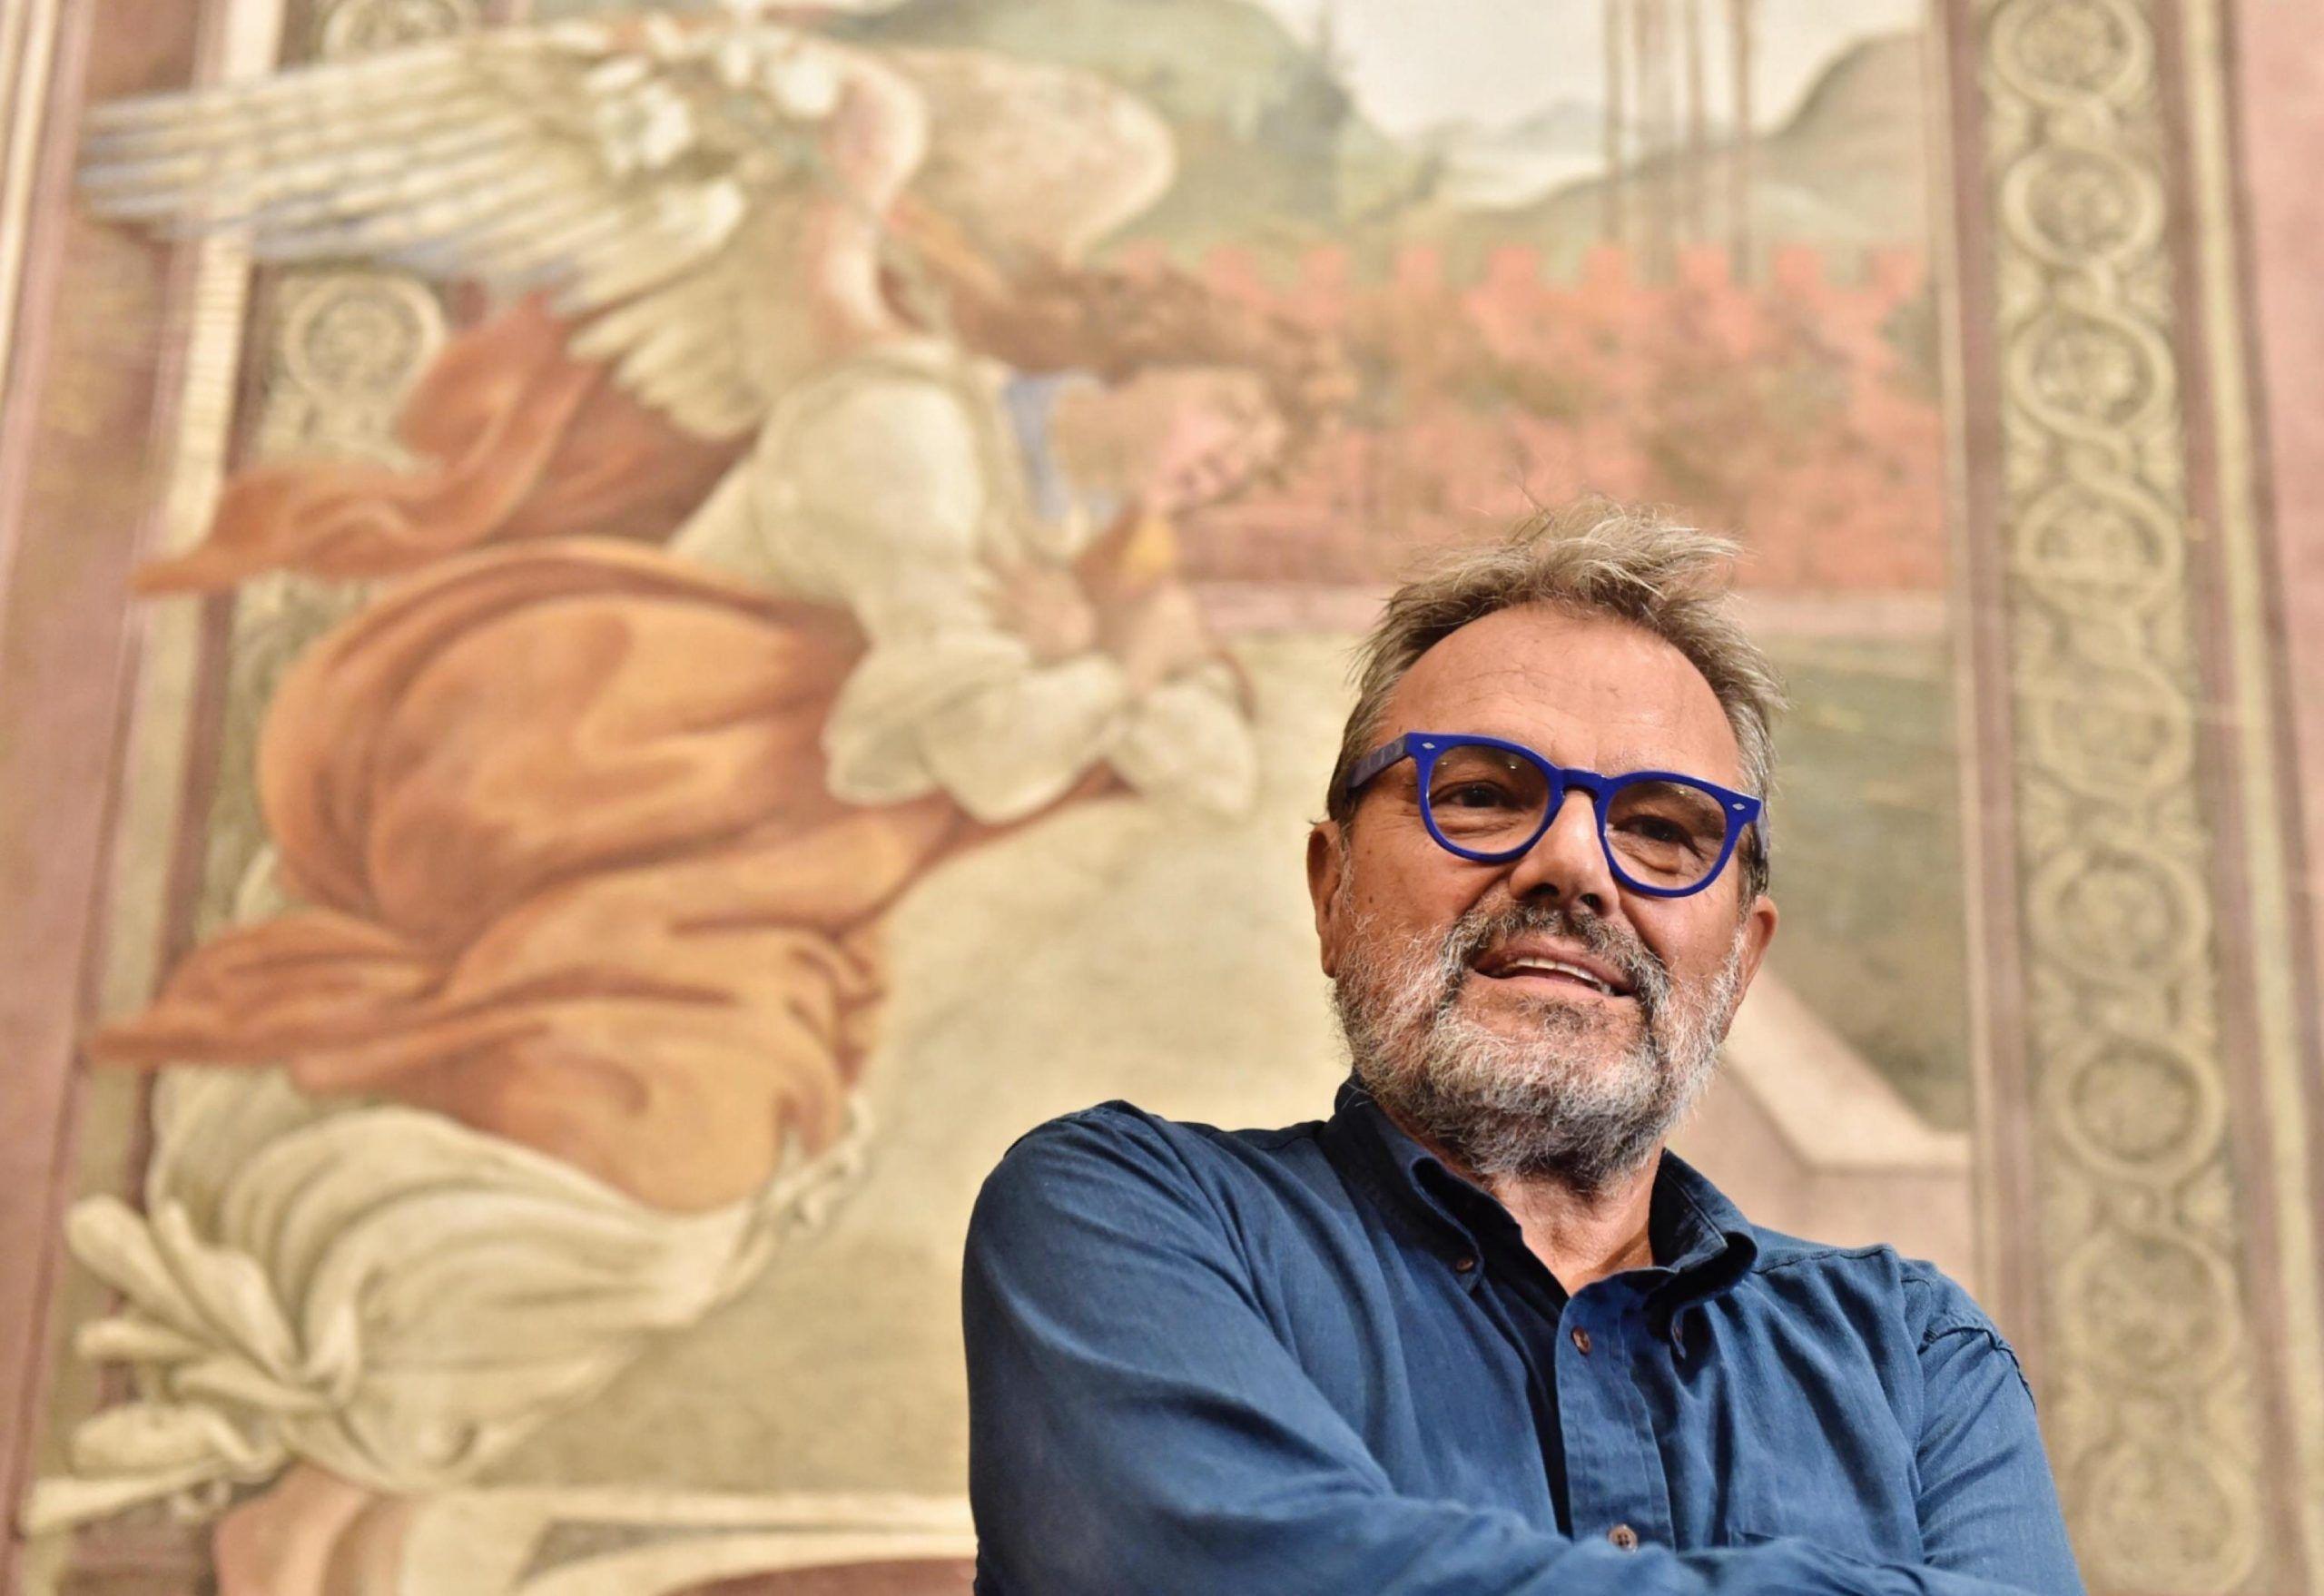 Toscani: 'Mio padre fotografò il Duce a Piazzale Loreto, io dove immortalerò Salvini?'